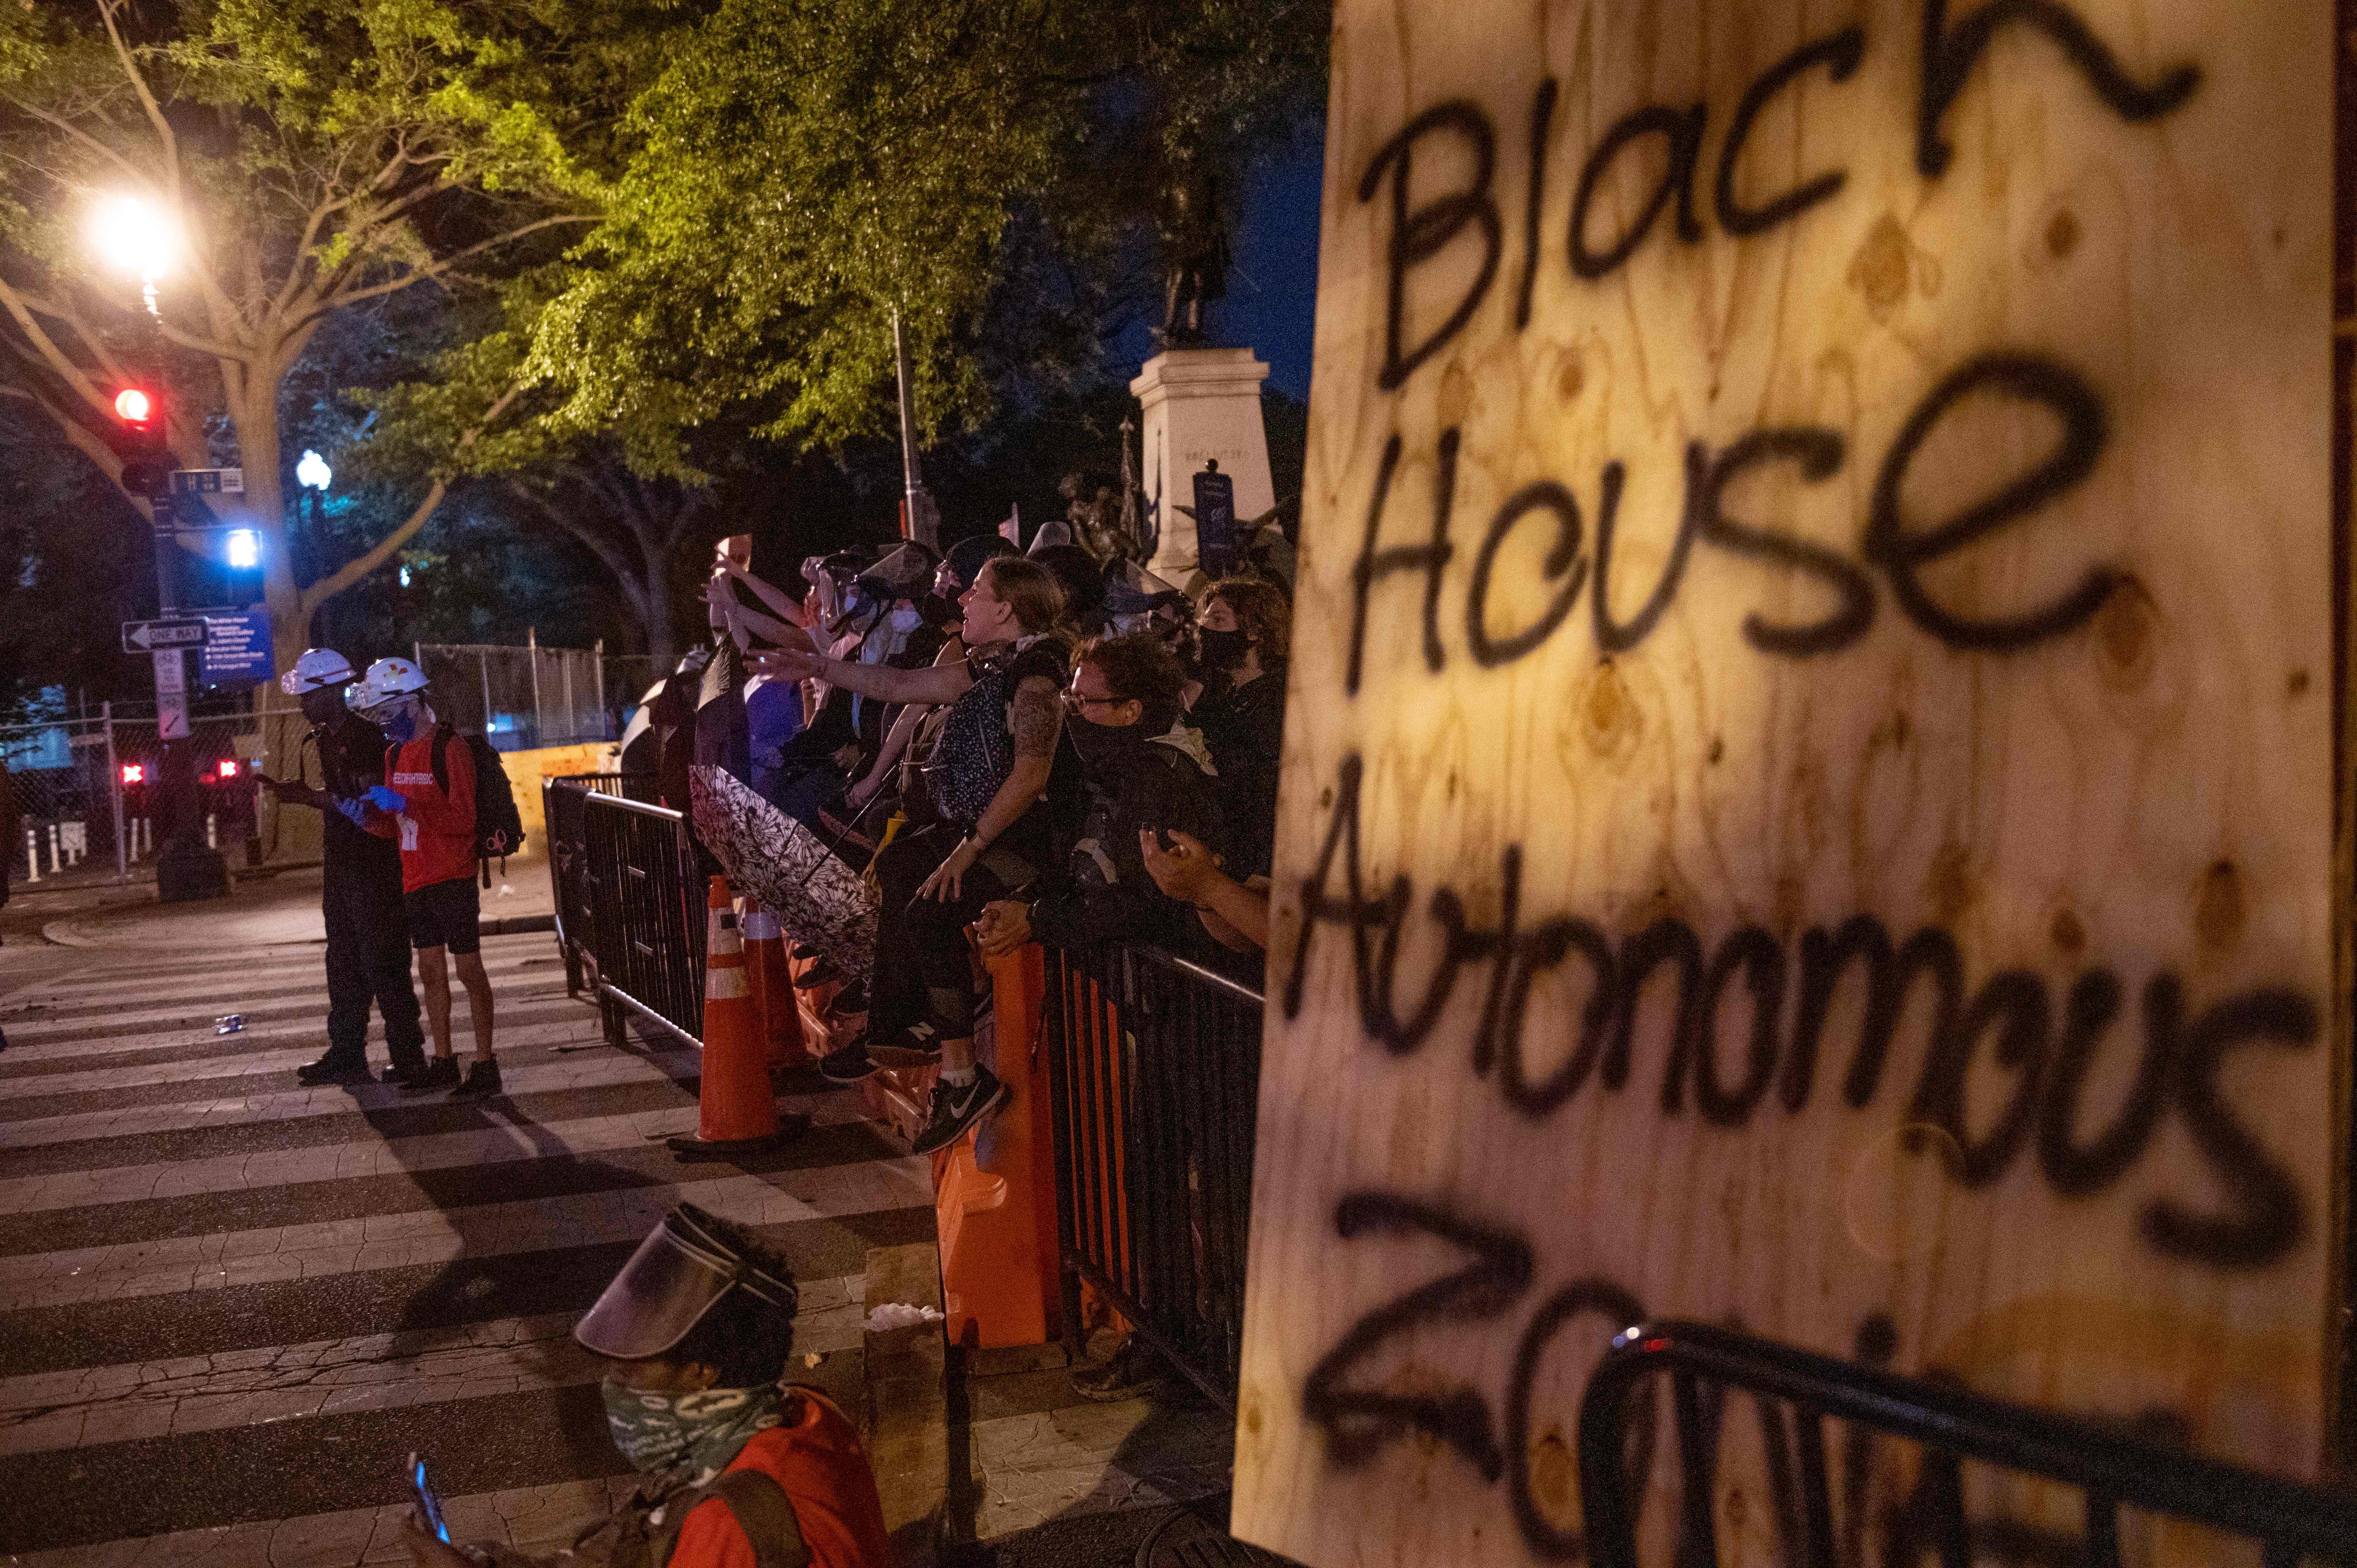 非裔弗洛伊德之死引發持續騷亂。2020年6月22日,抗議者在華盛頓特區白宮附近的拉斐特公園前豎起「黑宮自治區」路障,向警察起哄。(ROBERTO SCHMIDT/ AFP)